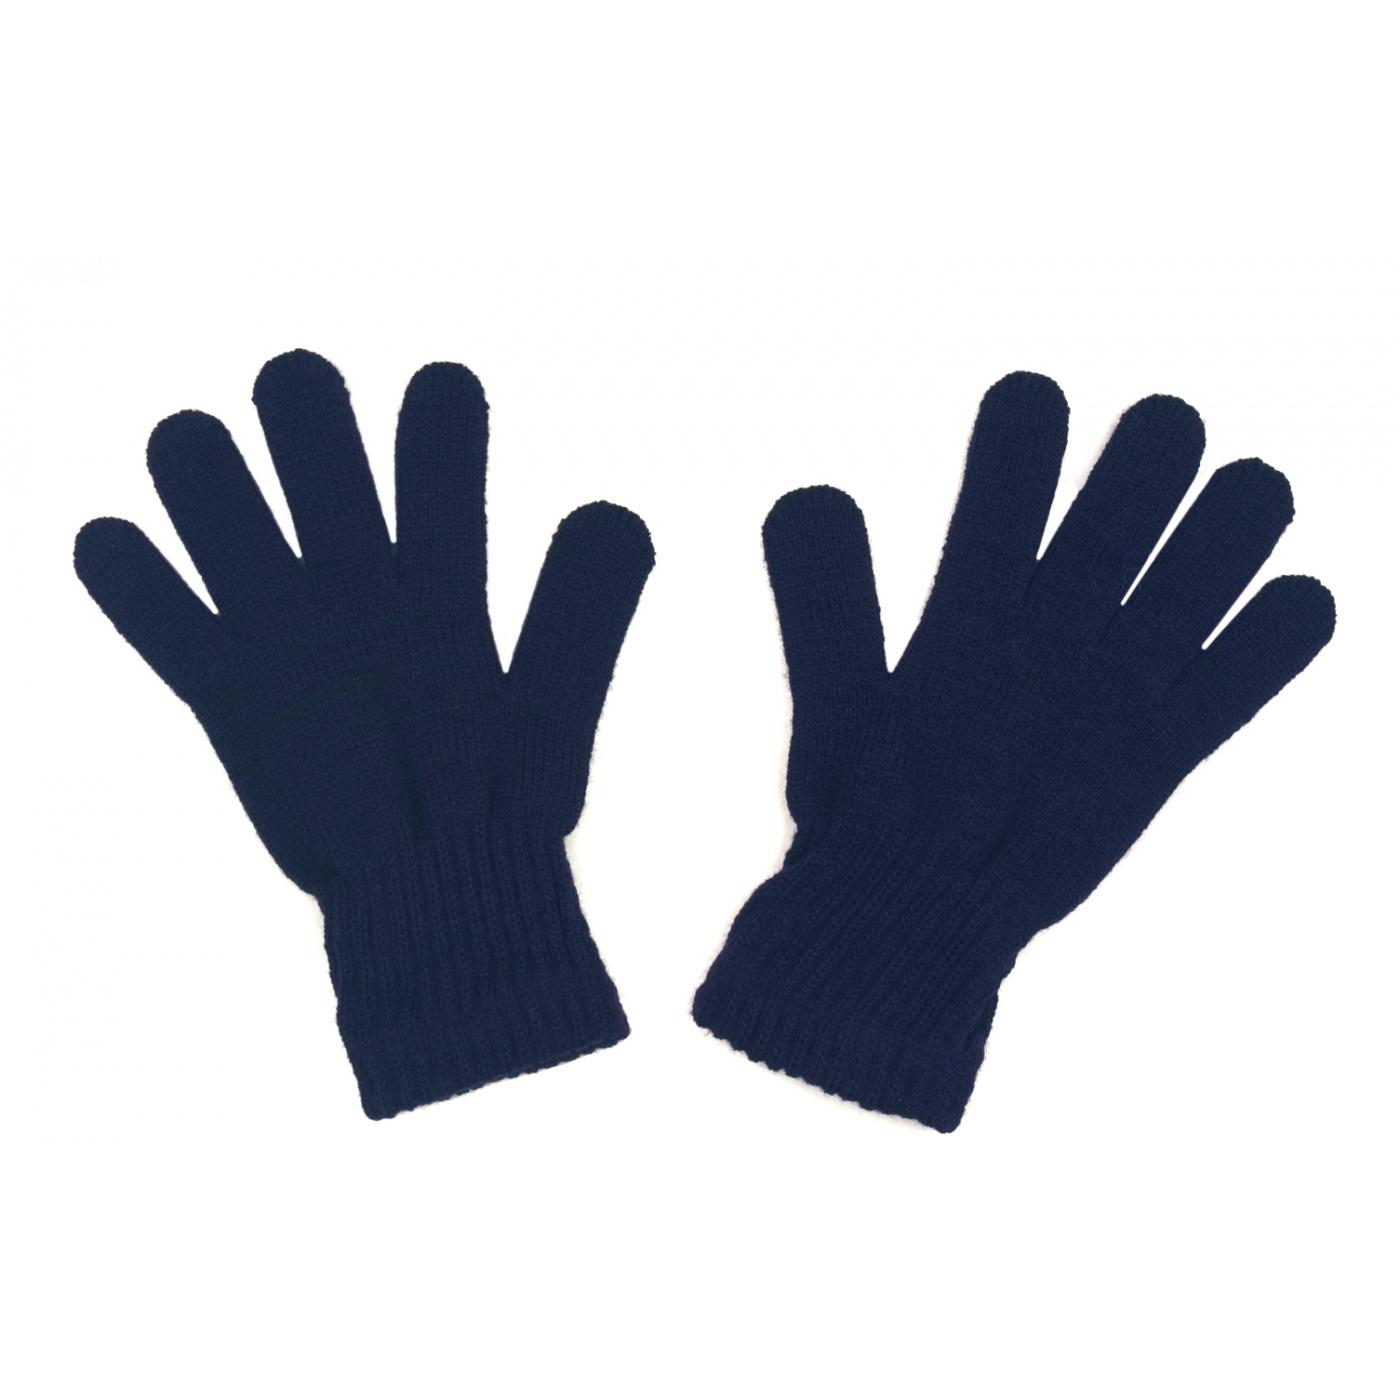 Damskie rękawiczki zimowe: granatowe